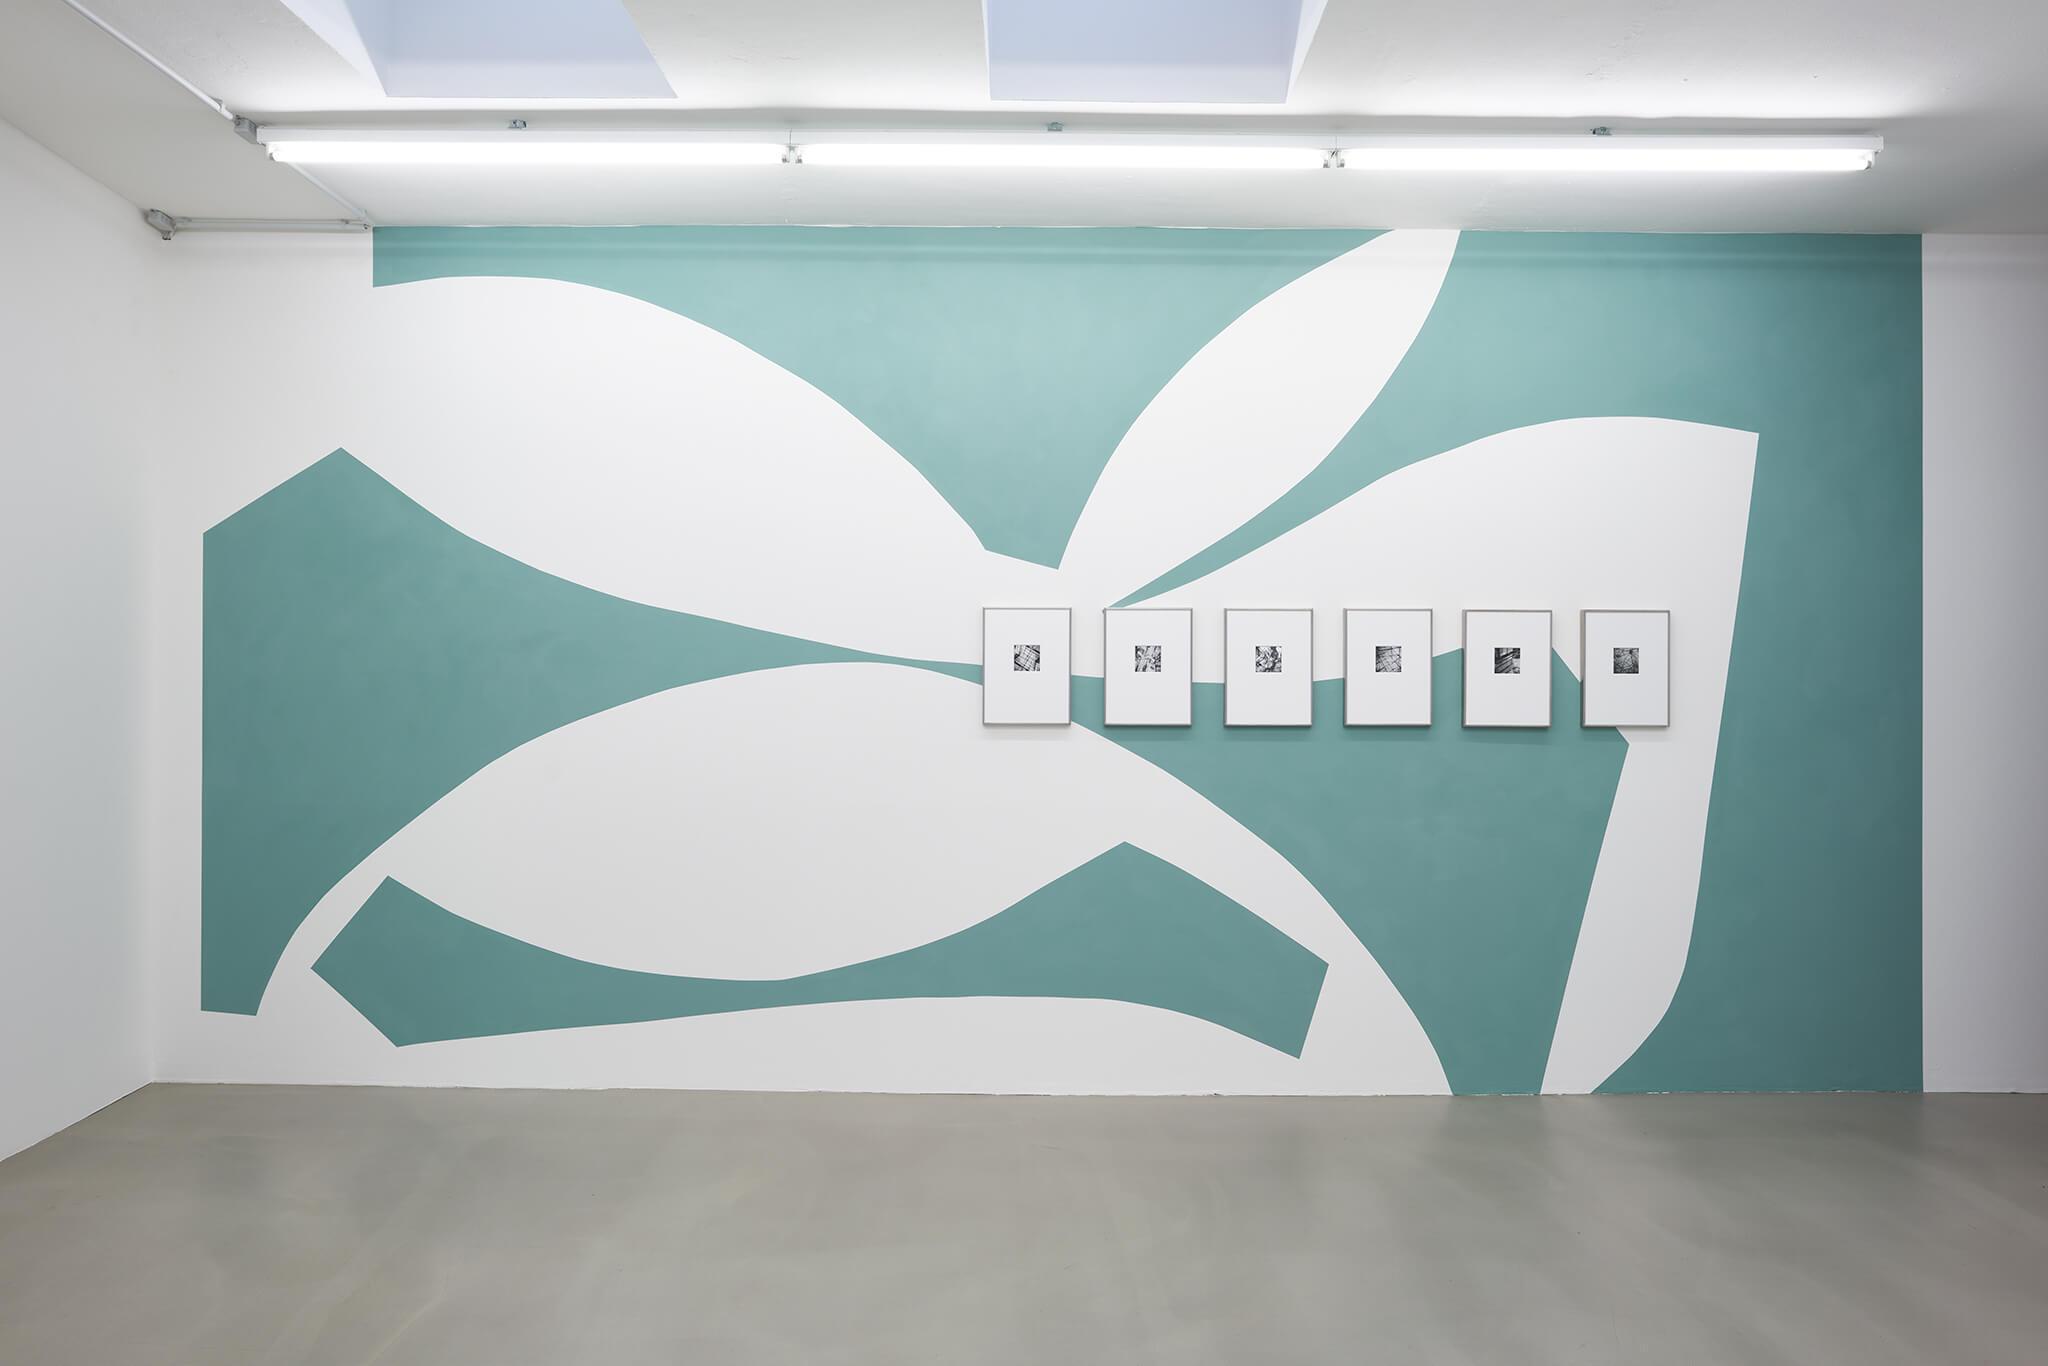 110_Frauke-Dannert_Collage_Ausstellung_Wandmalerei_botanicals_Rupert-Pfab-Düsseldorf_-2017